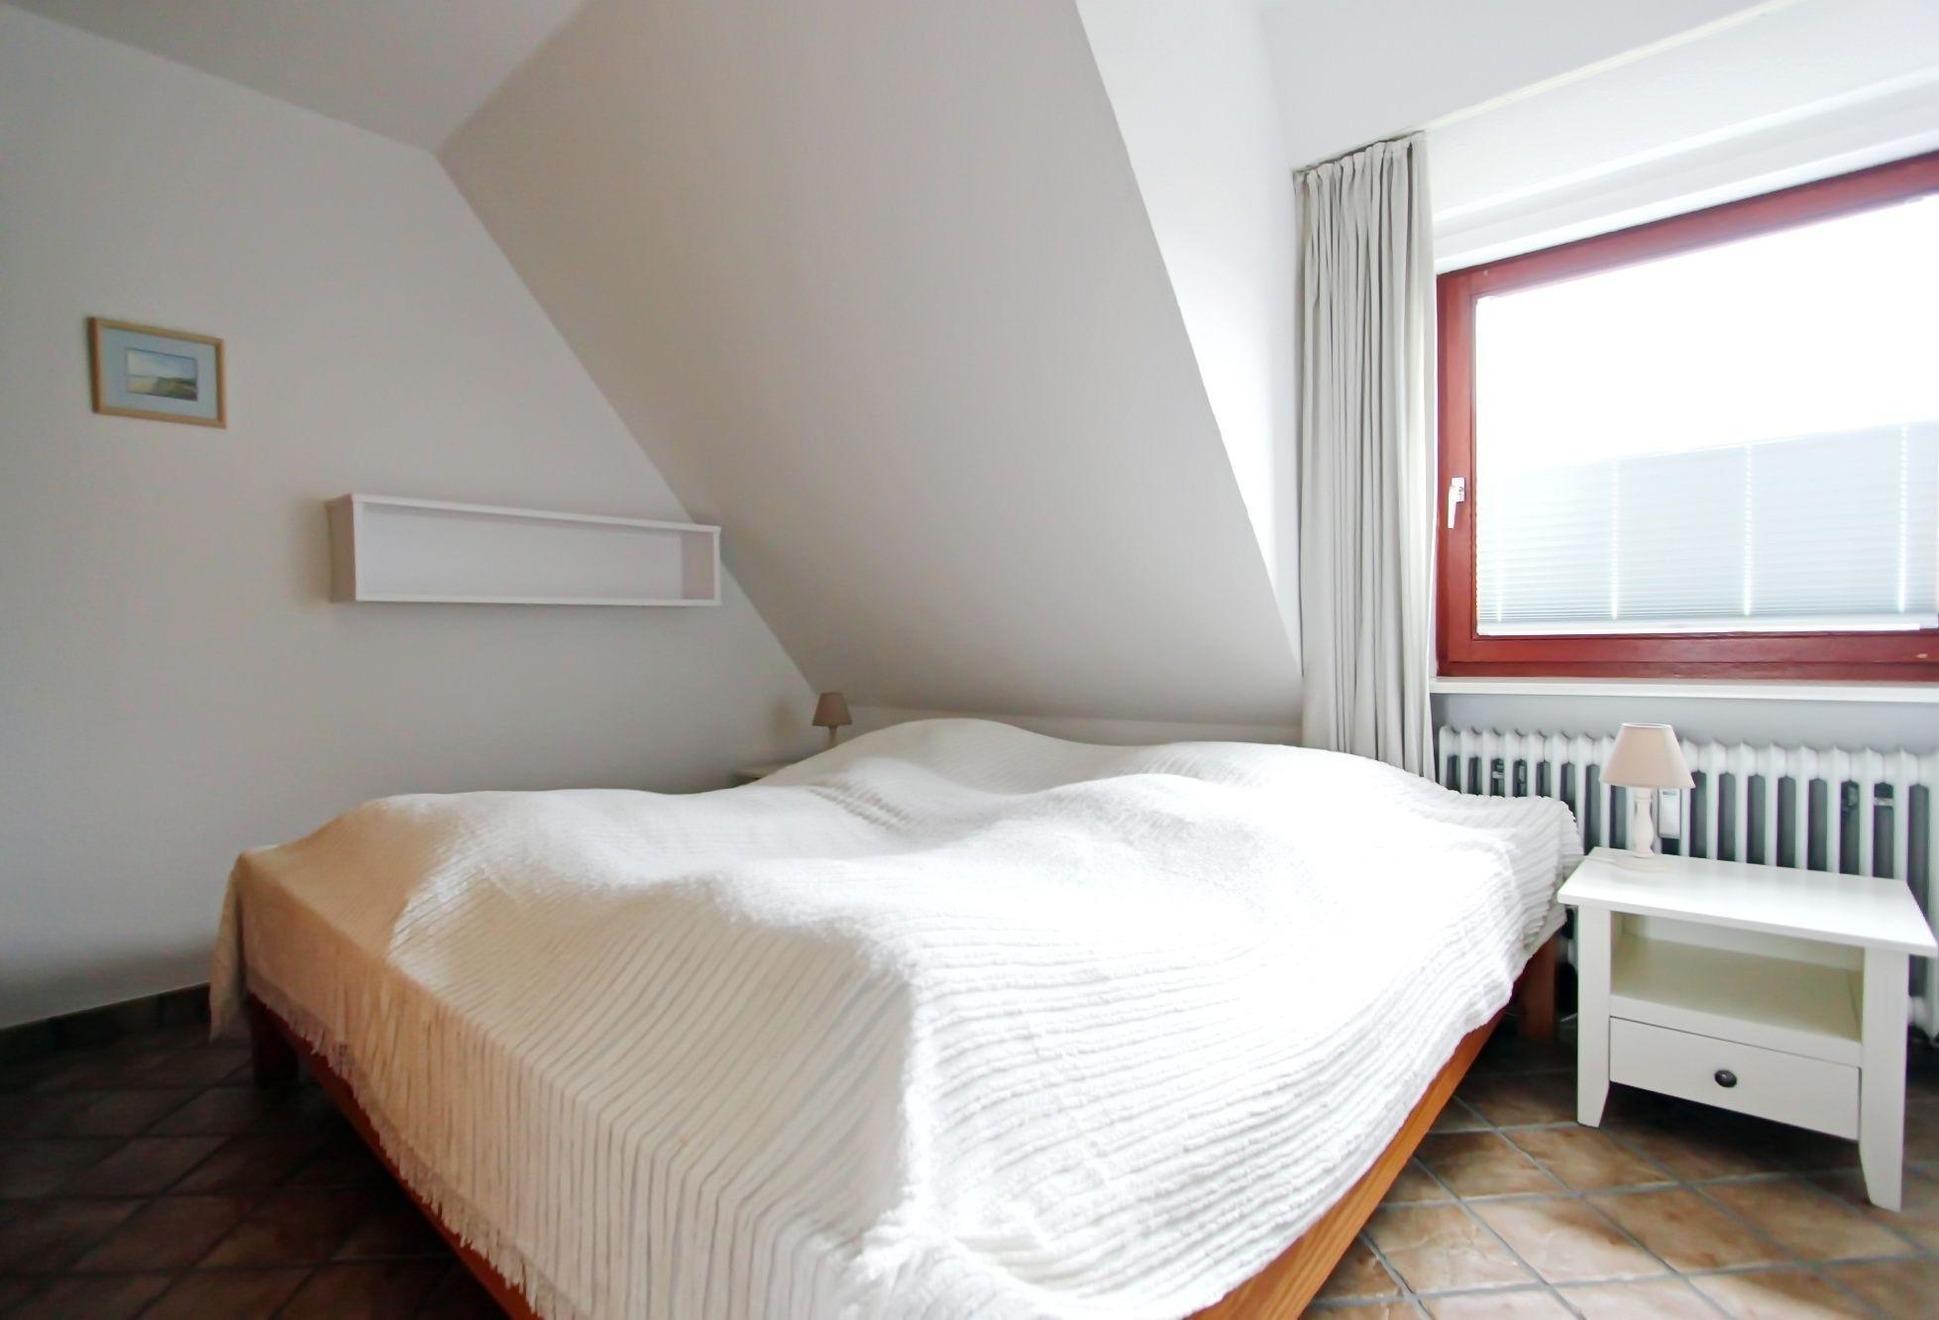 Ferienwohnung Lorenz (2656516), Hörnum, Sylt, Schleswig-Holstein, Deutschland, Bild 5